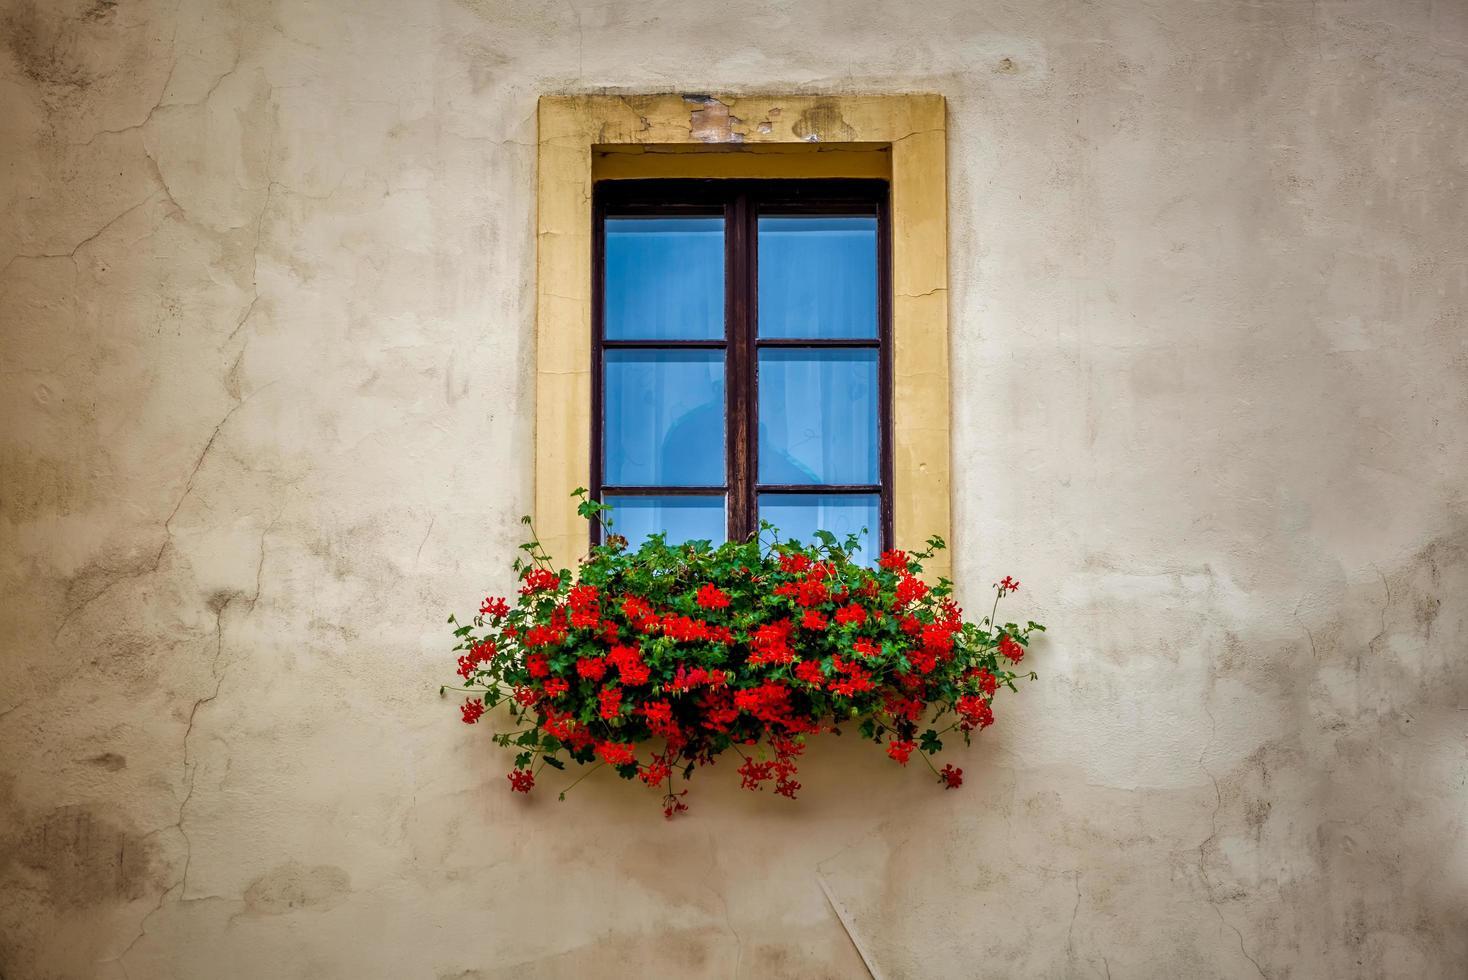 ancien cadre de fenêtre avec bac à fleurs photo